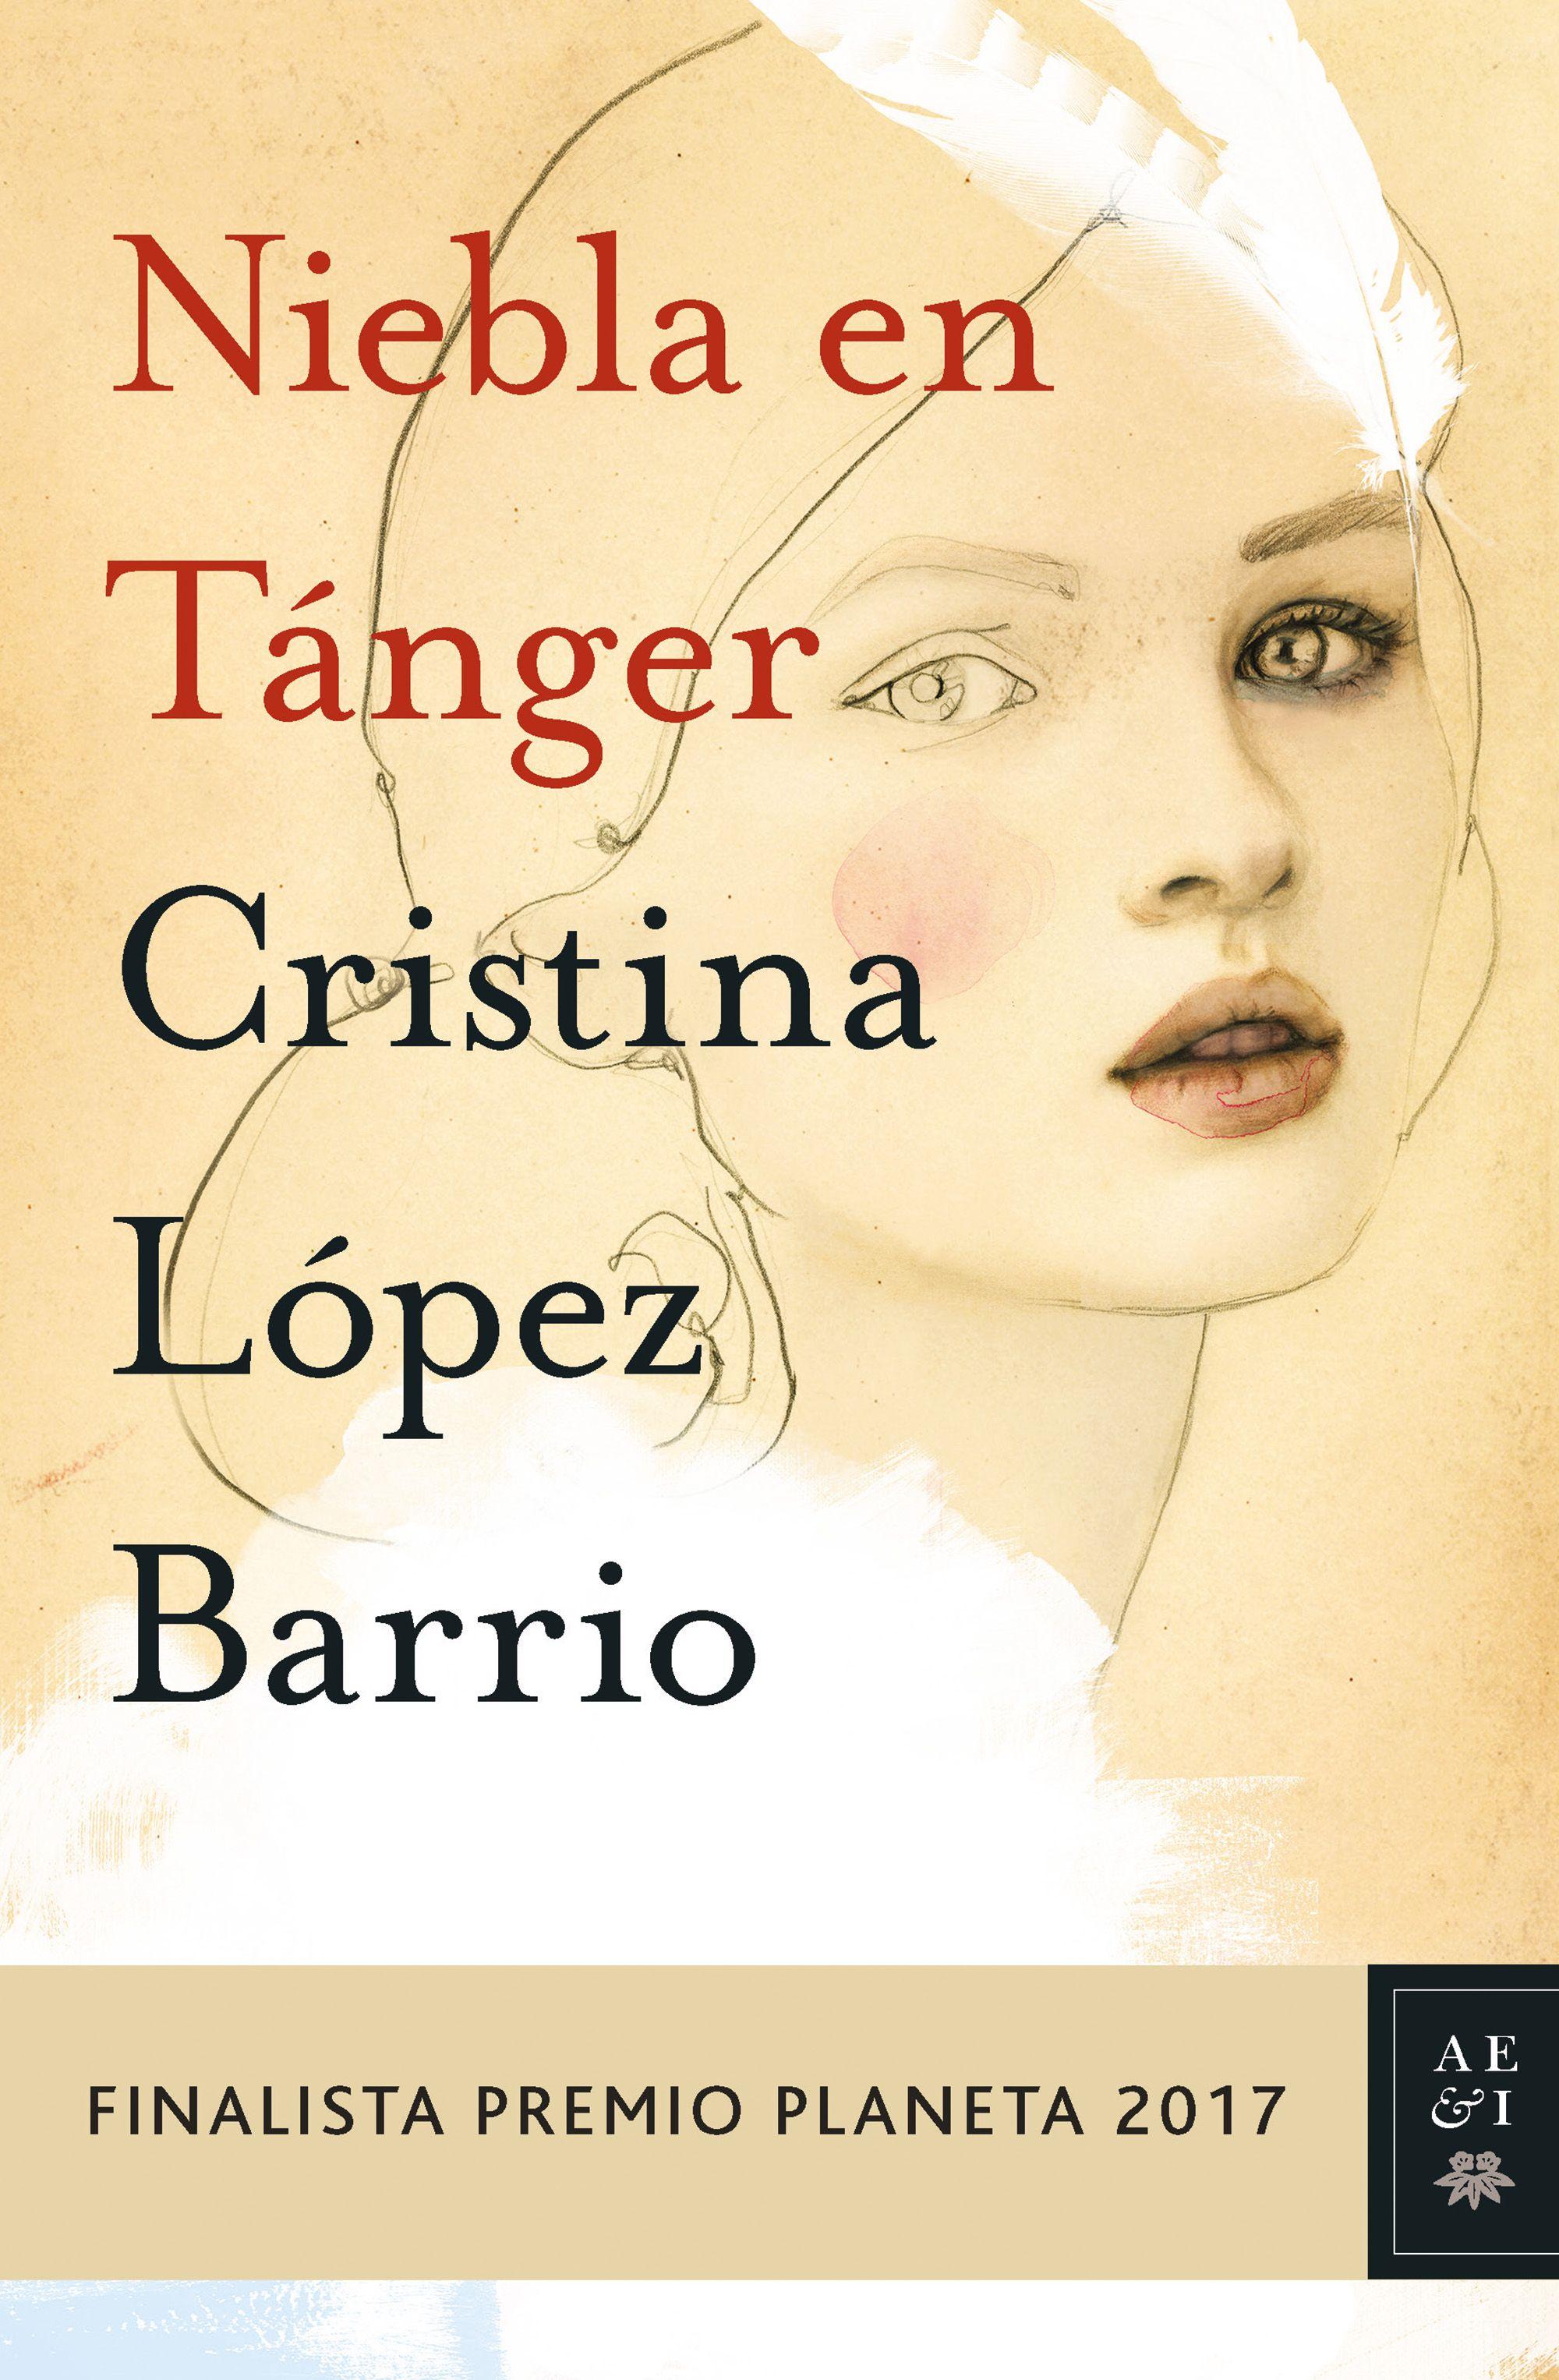 https://static0planetadelibroscom.cdnstatics.com/usuaris/libros/fotos/258/original/portada_niebla-en-tanger_cristina-lopez-barrio_201710200937.jpg